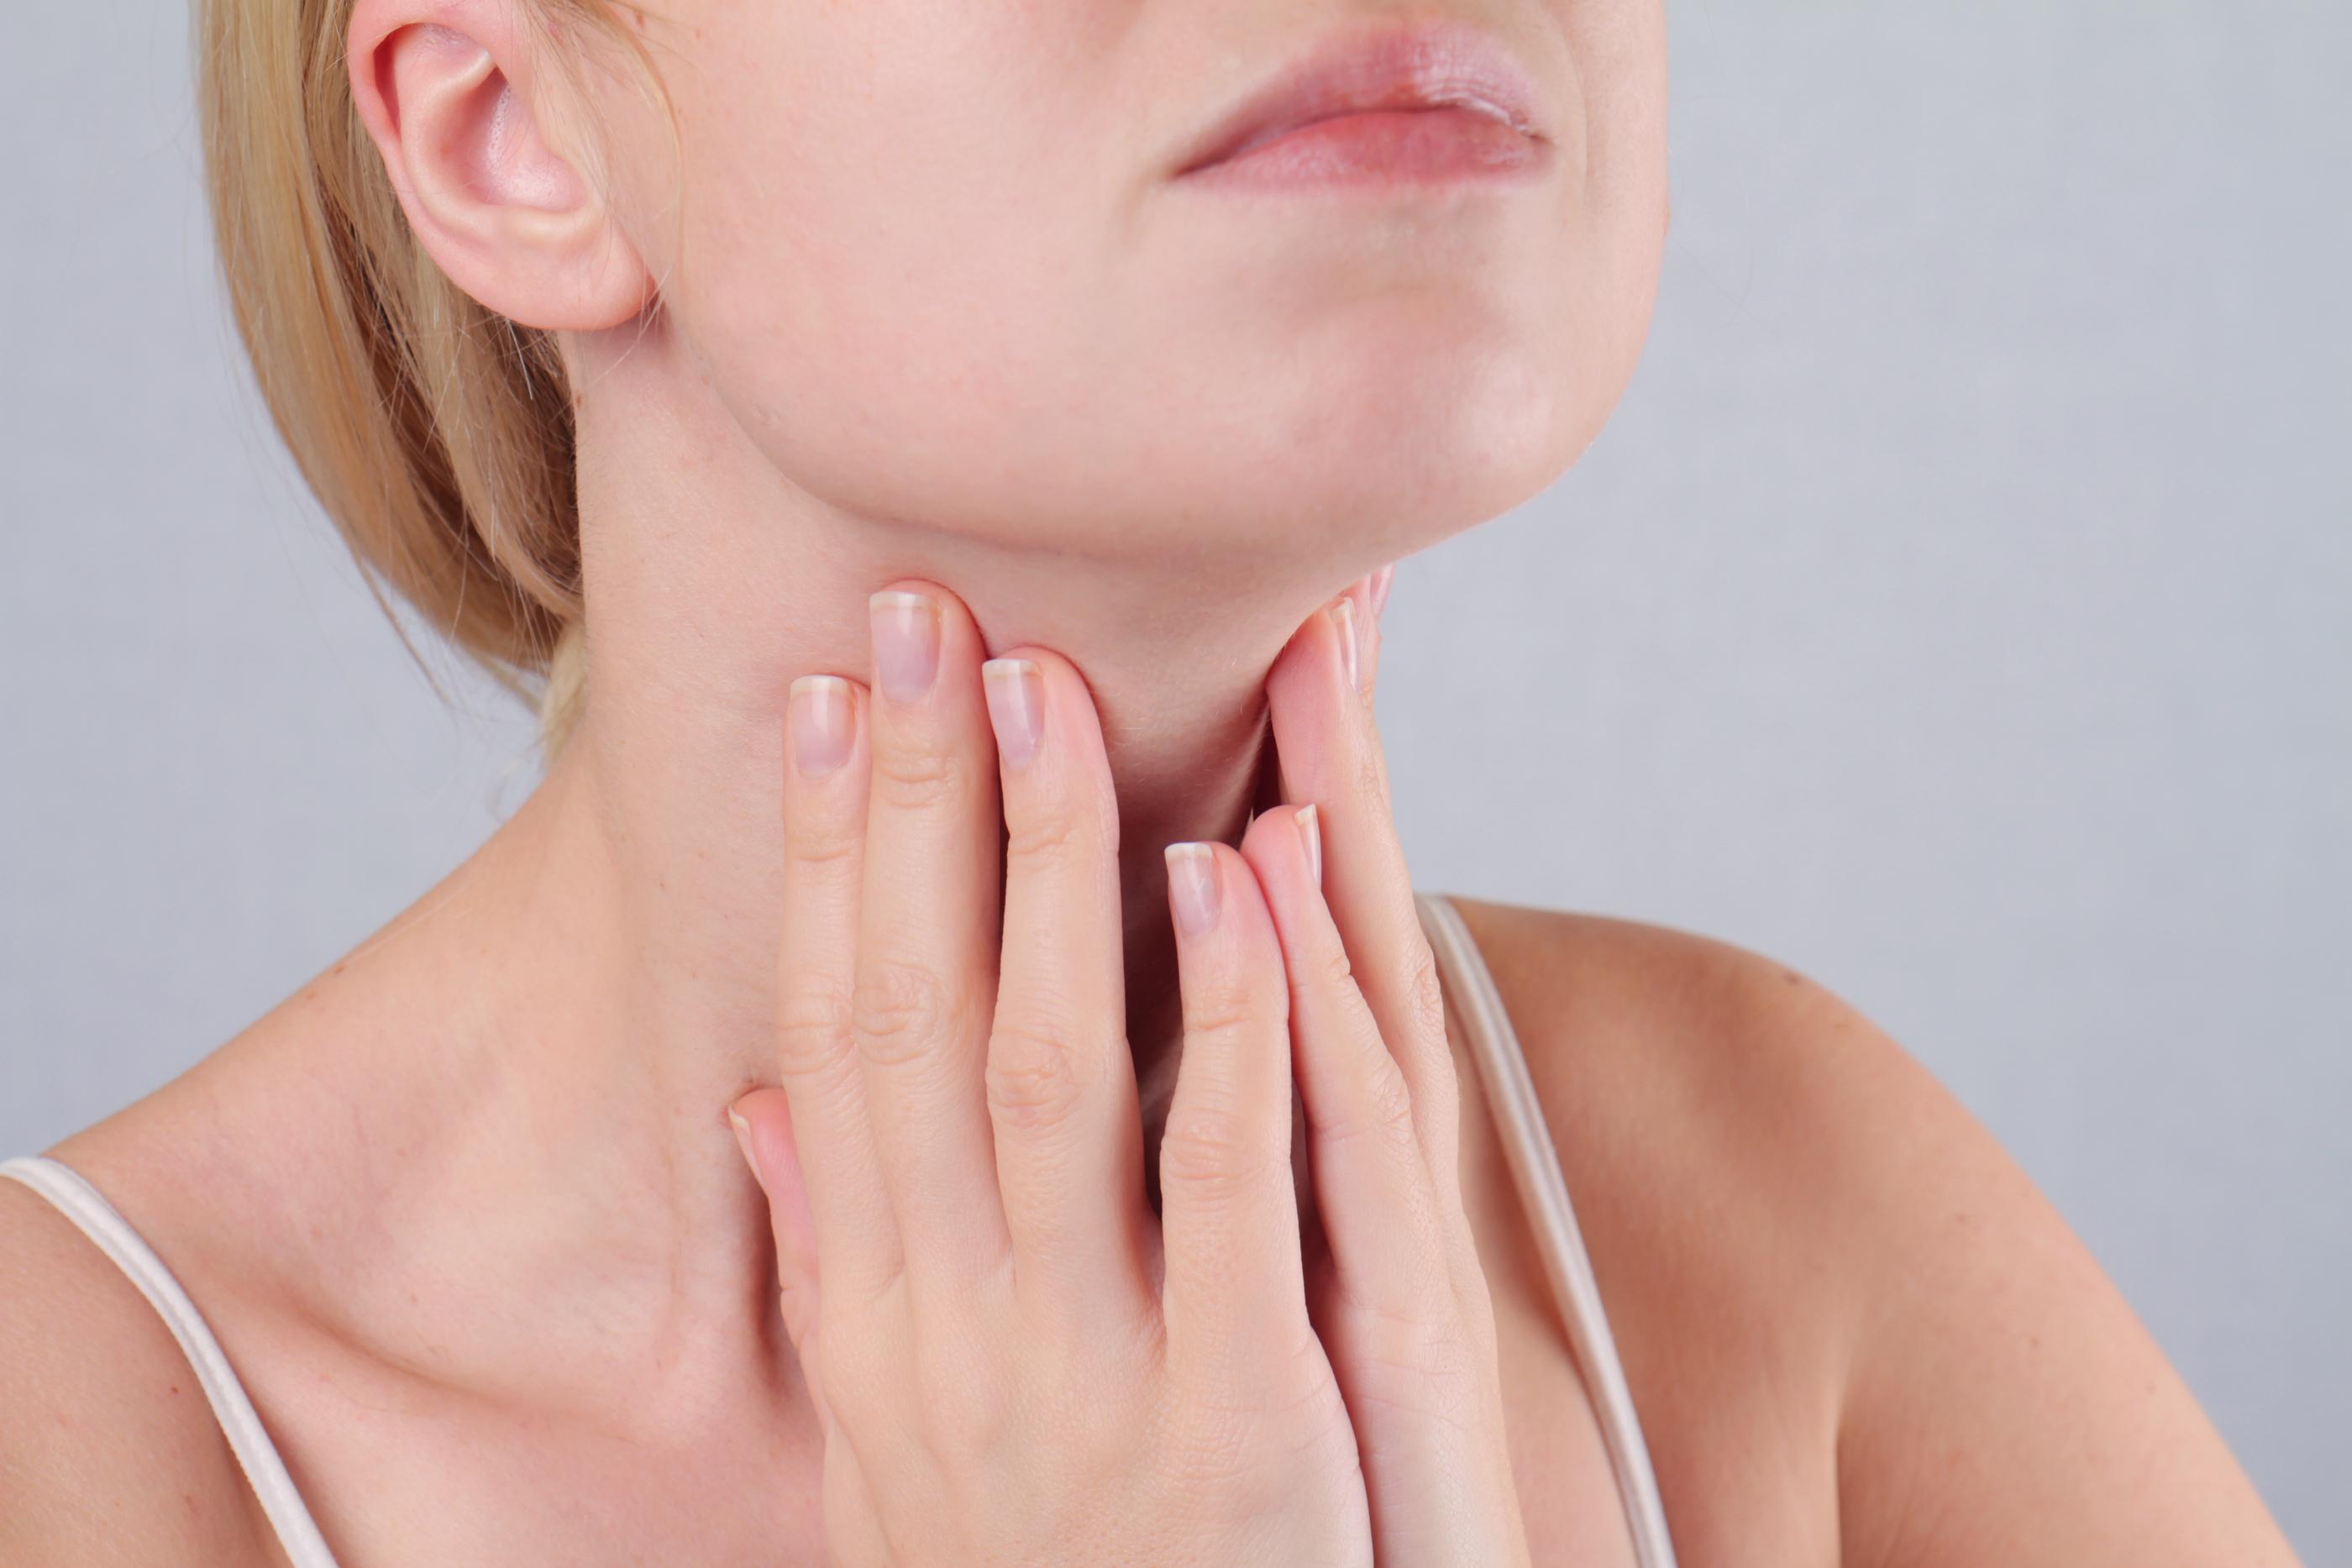 Antes da cirurgia e até mesmo medicamento envolvido, aqui estão cinco maneiras de ajudar a dor no pescoço tratamento em casa: